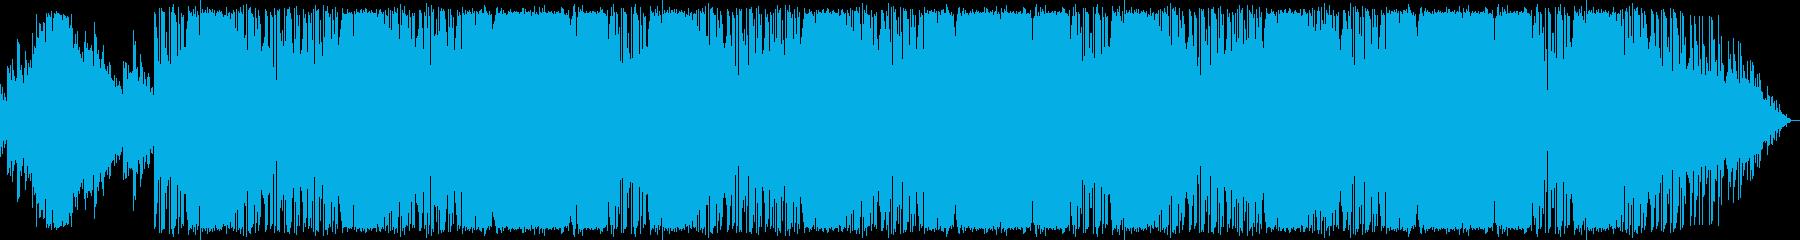 朝日が昇るイメージの心地良いEDMの再生済みの波形